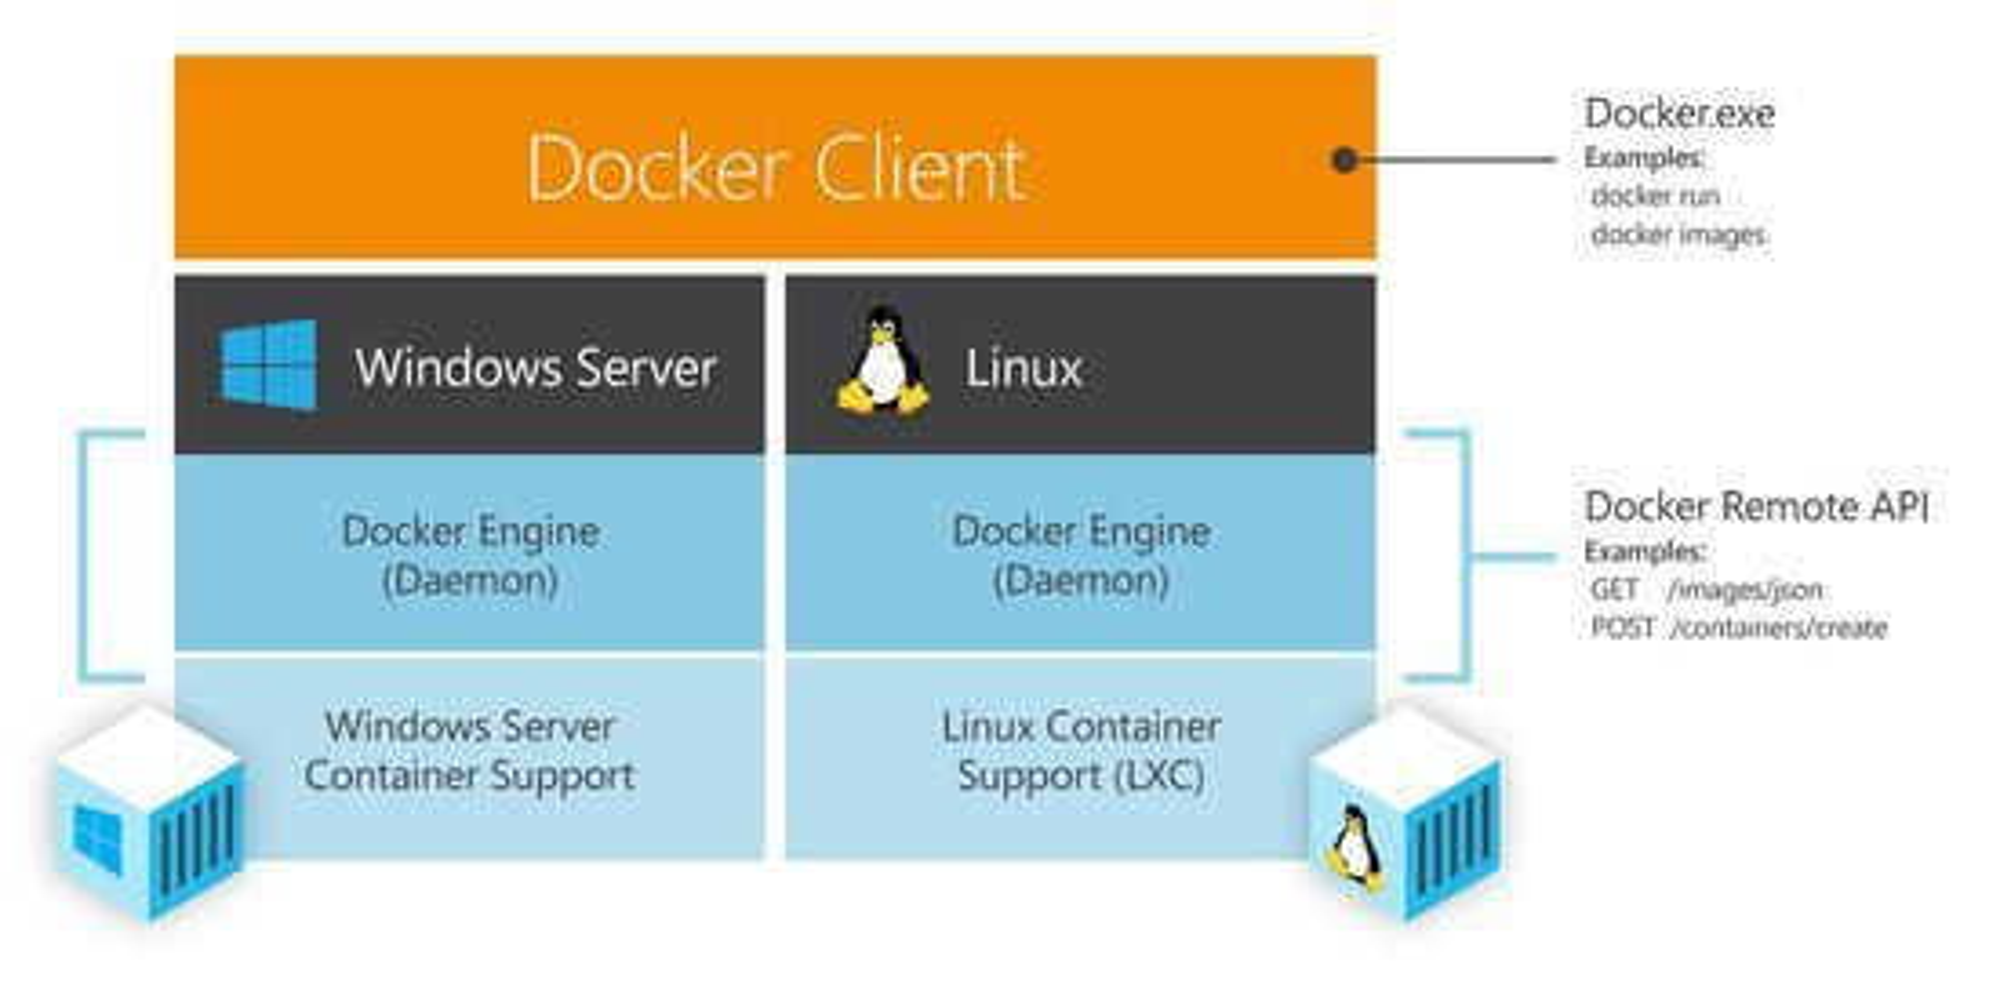 Docker-klienten vil være felles for både Linux- og Windows-baserte Docker-oppsett.